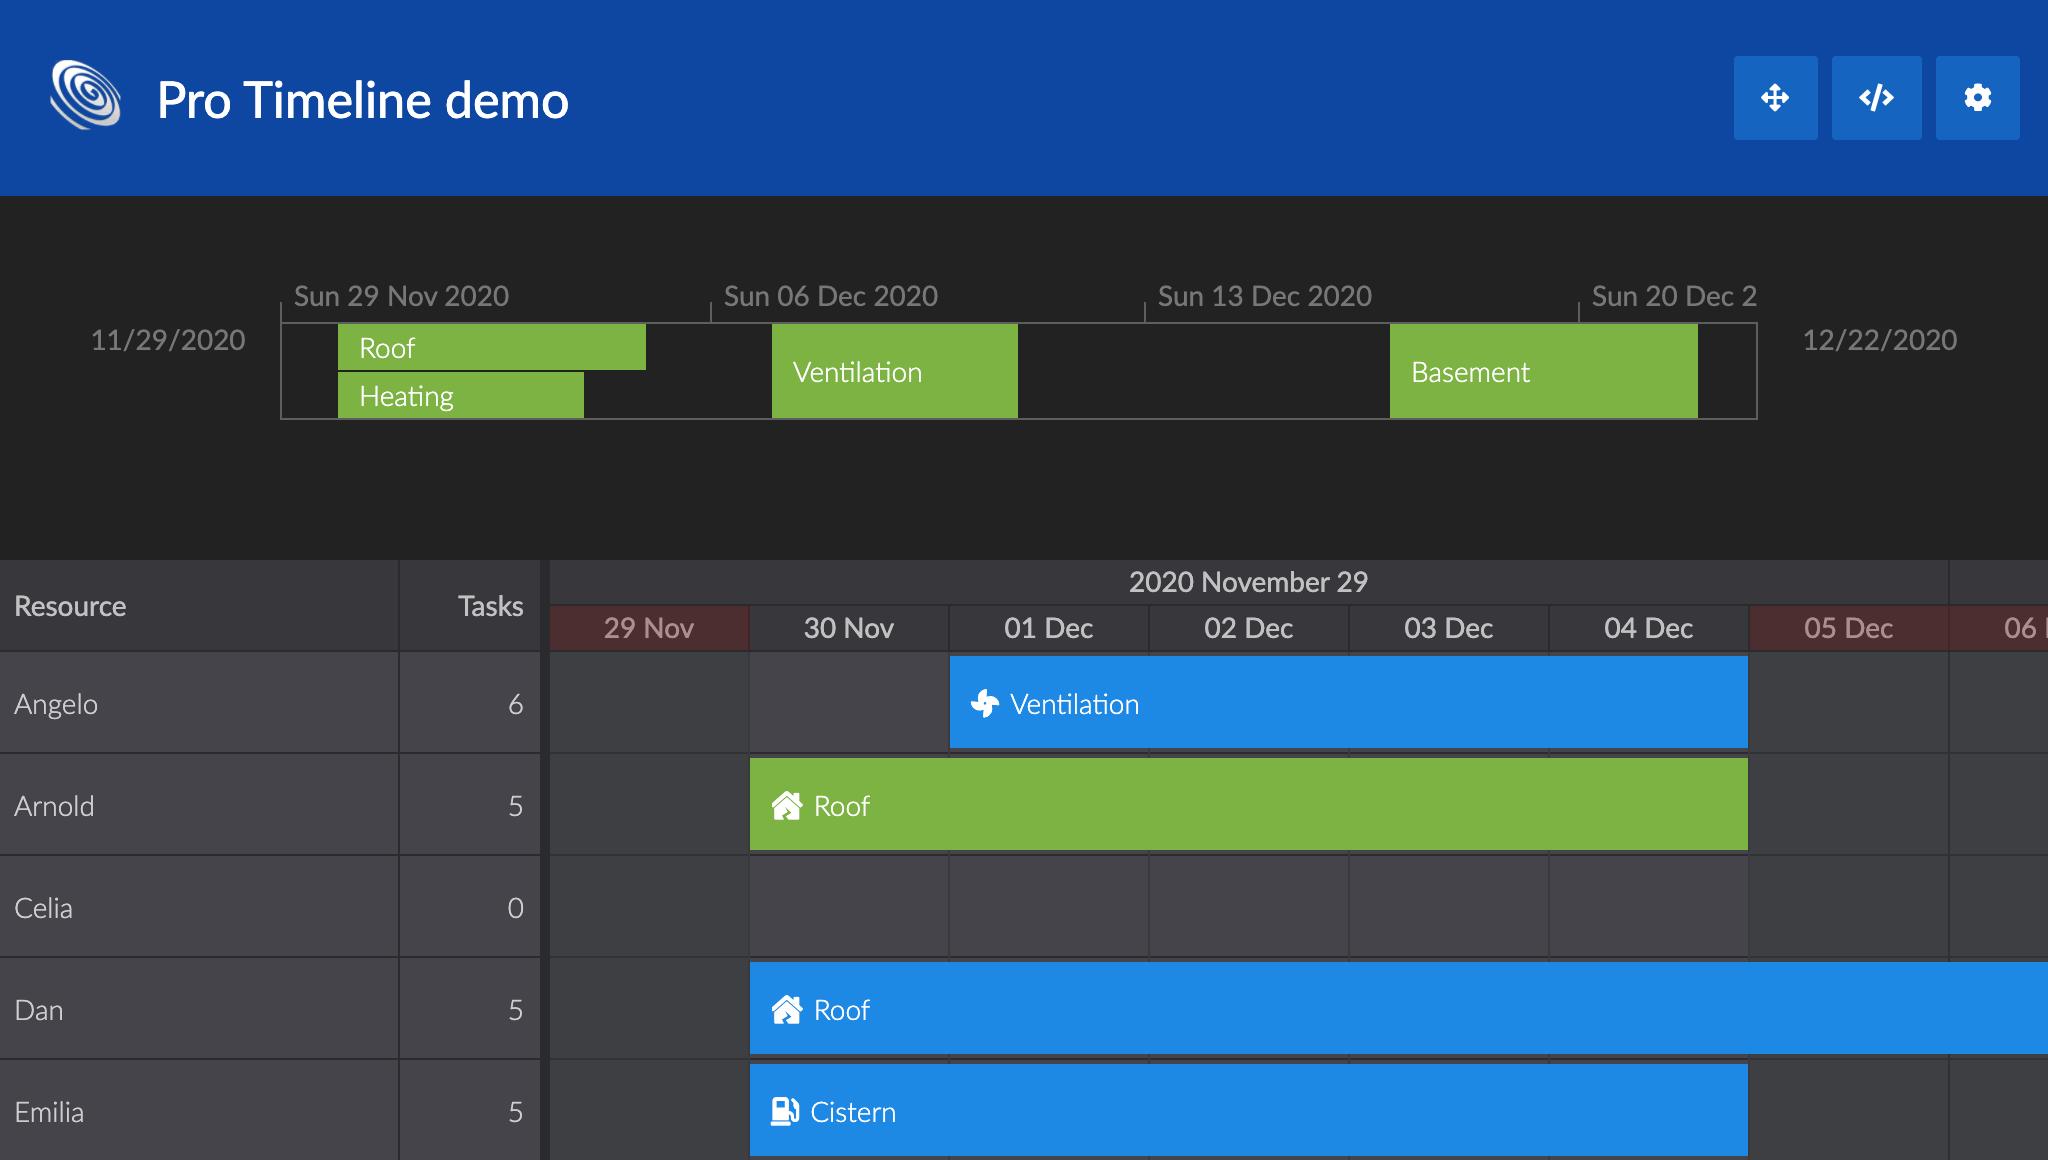 Timeline demo